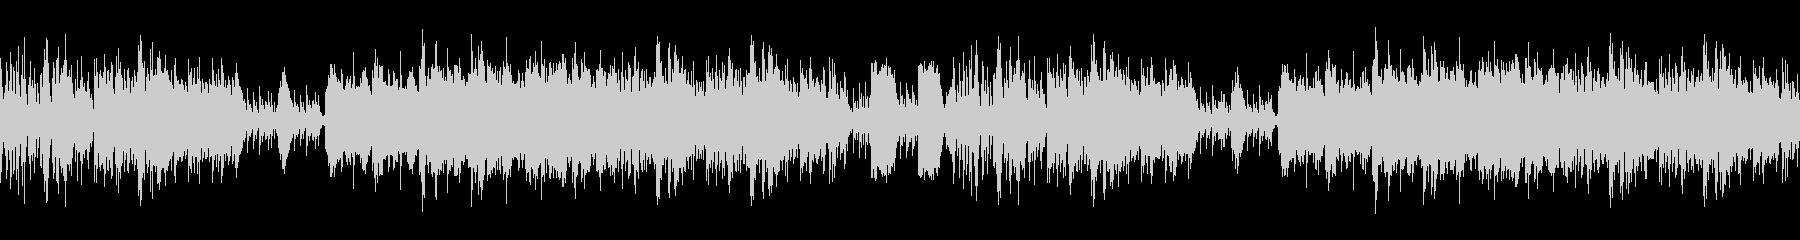 琴和太鼓ポップで和風楽曲ループ京都の未再生の波形